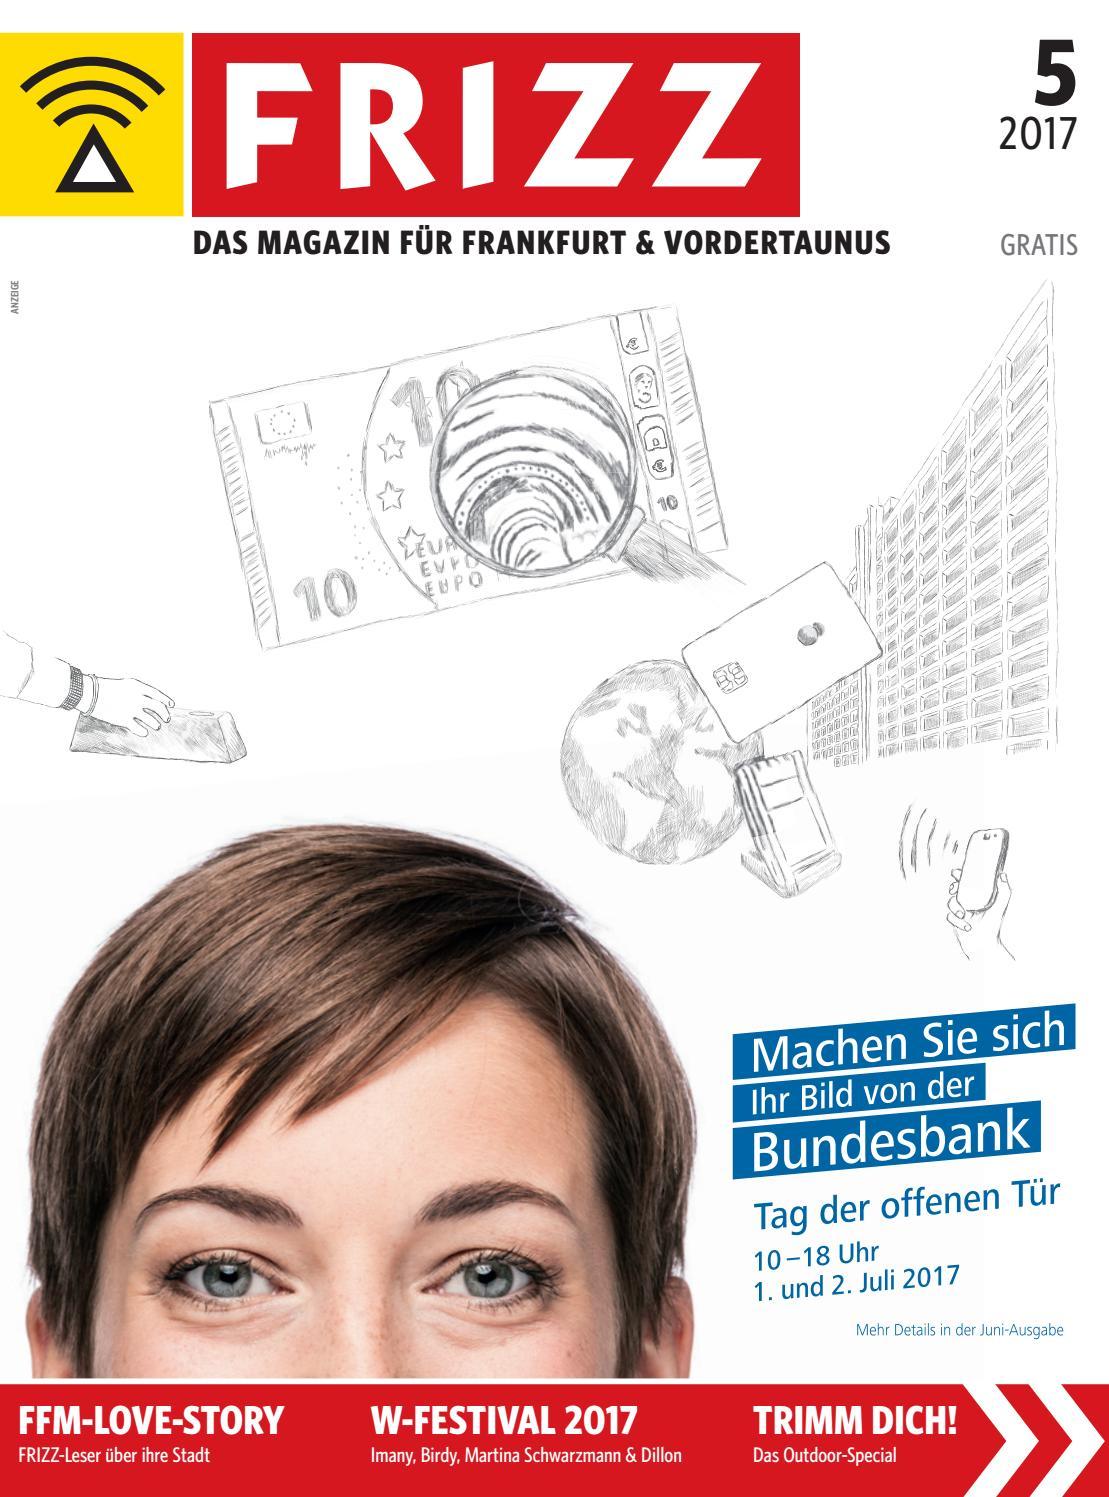 FRIZZ Das Magazin Frankfurt März 2015 by frizz frankfurt - issuu